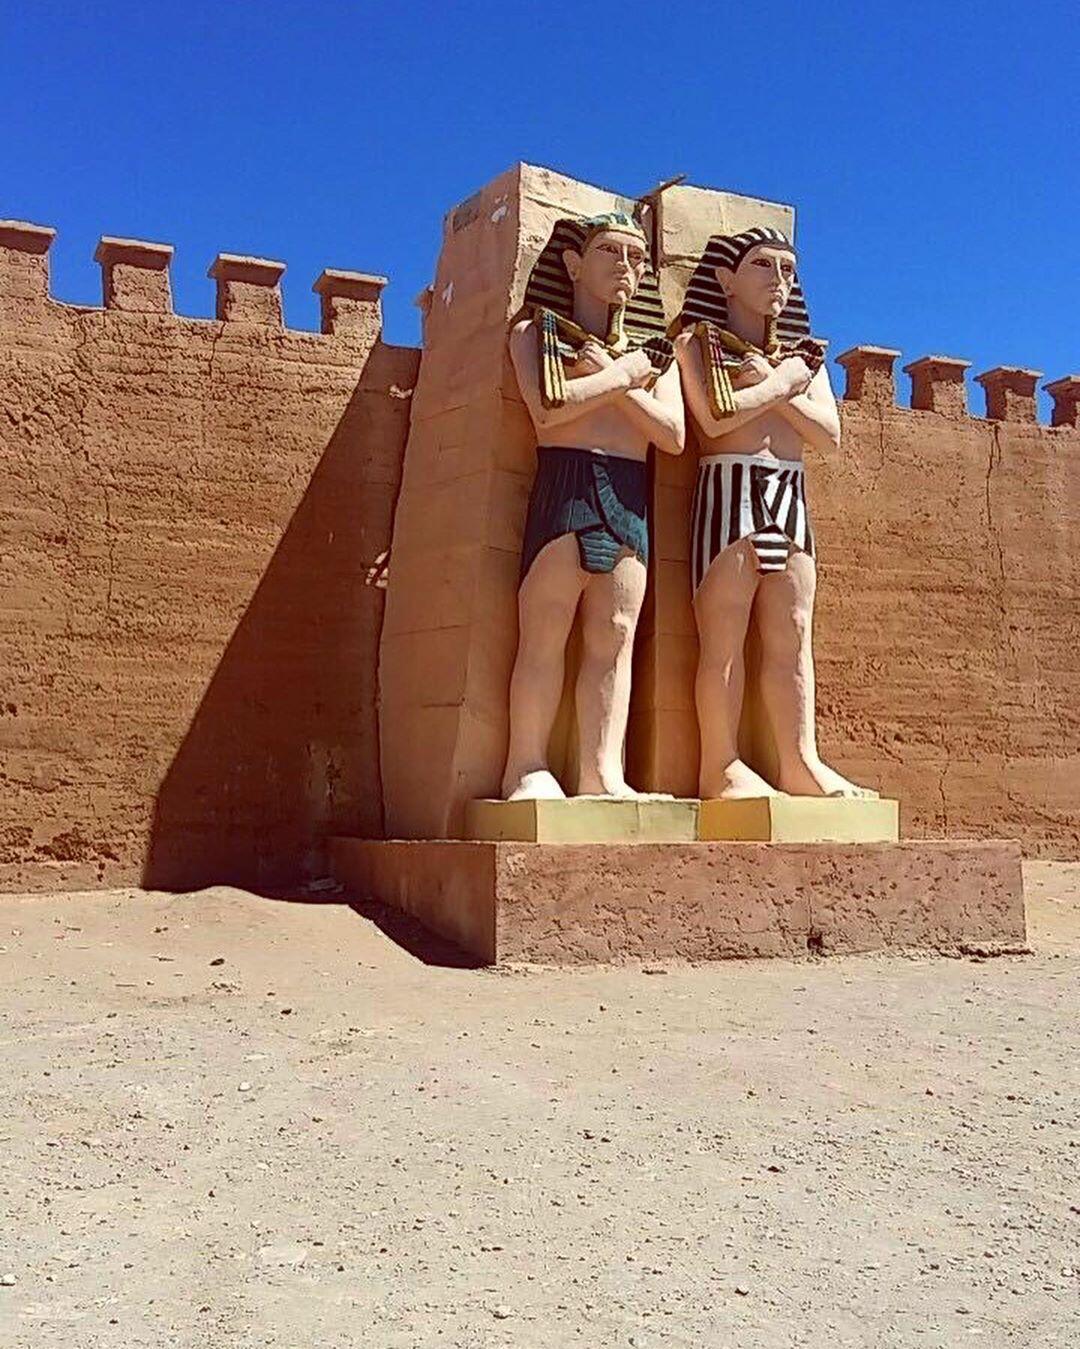 Ouarzazate, la cuidade de cinema, visitarimos con nuestro ruta de viajes 5 dias en Marruecos